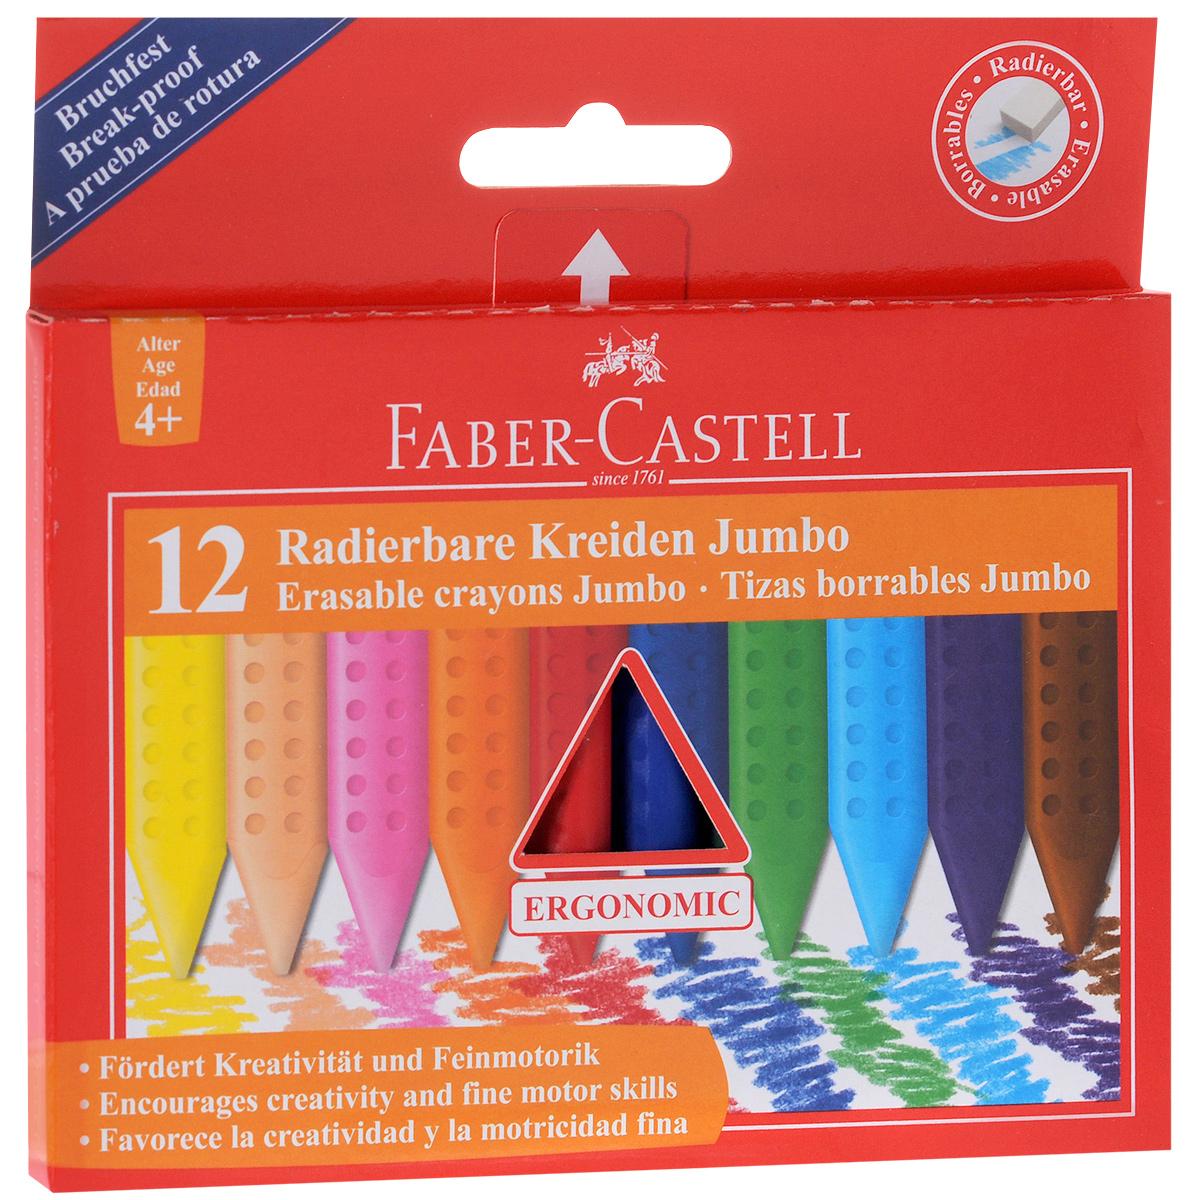 Восковые мелки Faber-Castell Radierbare Kreiden Jumbo, стирающиеся, 12 цветов122540Восковые мелки Faber-Castell Radierbare Kreiden Jumbo предназначены для рисования на картоне и бумаге. Утолщенный трехгранный корпус особенно удобен для детской руки. Мелки обеспечивают удивительно мягкое письмо, обладают отличными кроющими свойствами. Их можно затачивать и стирать как карандаш. Мелки не пачкаются, что позволит сохранить руки чистыми. В набор входят восковые мелки 12 ярких классических цветов.